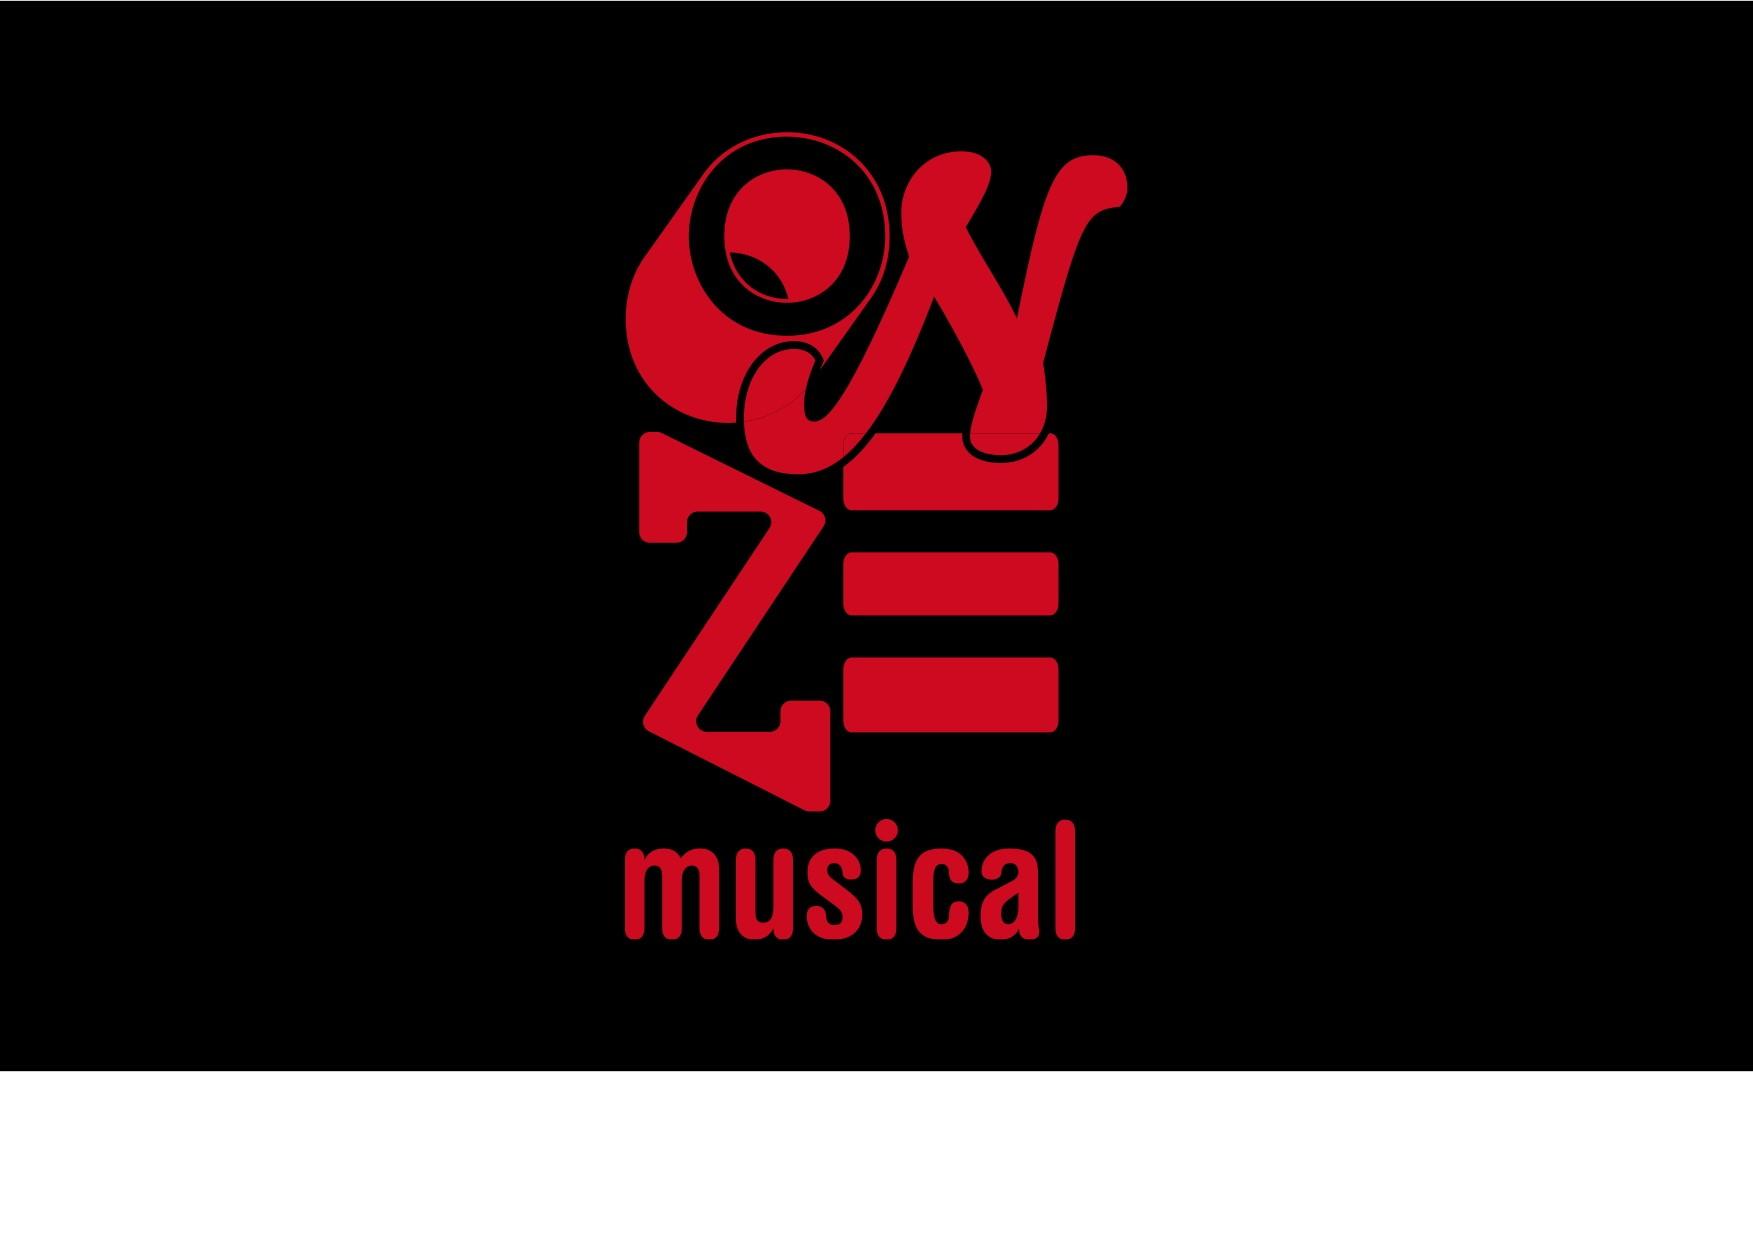 Logo onze musical